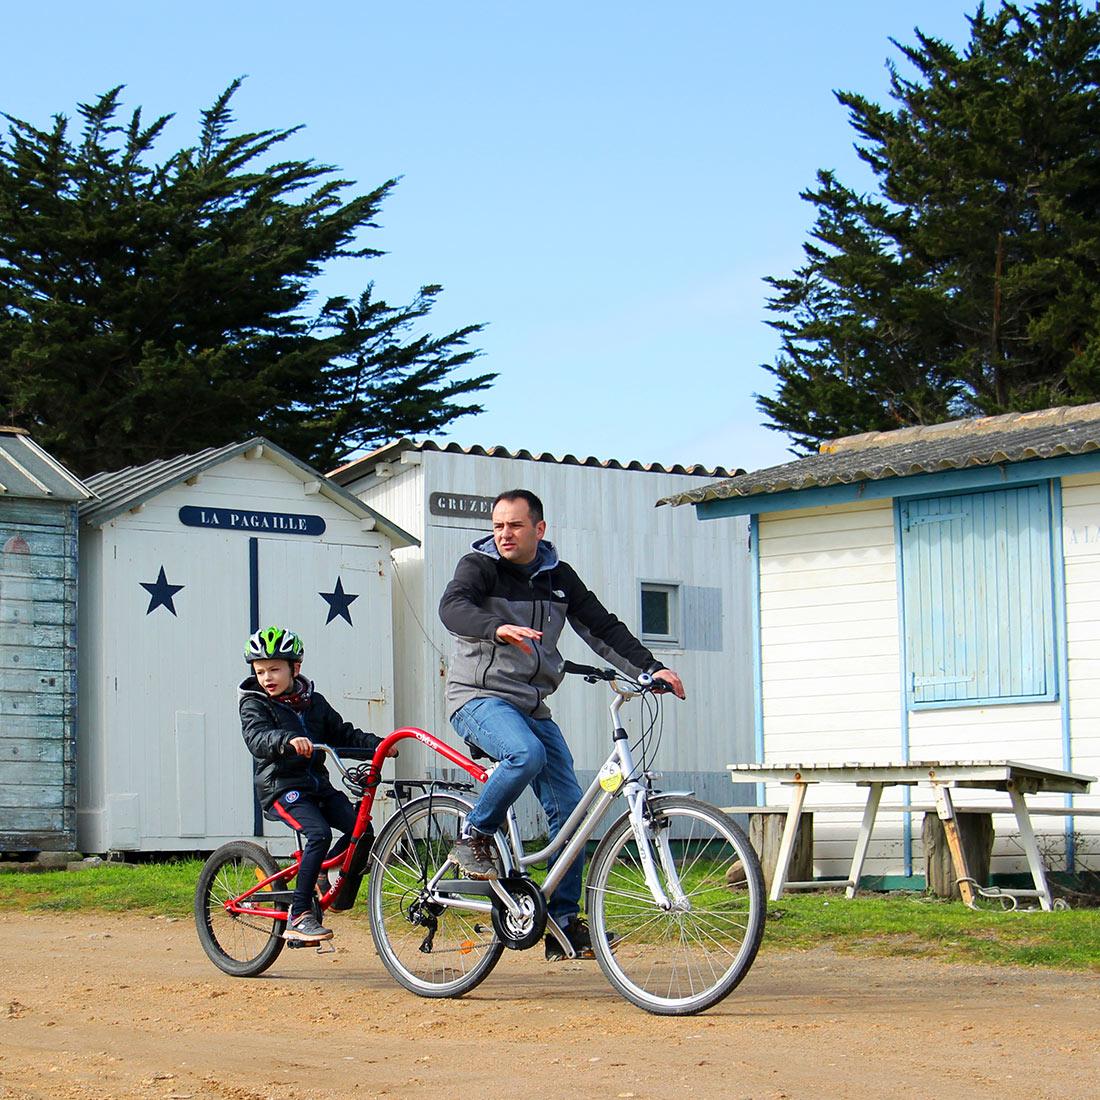 Vélo avec suiveur en famille